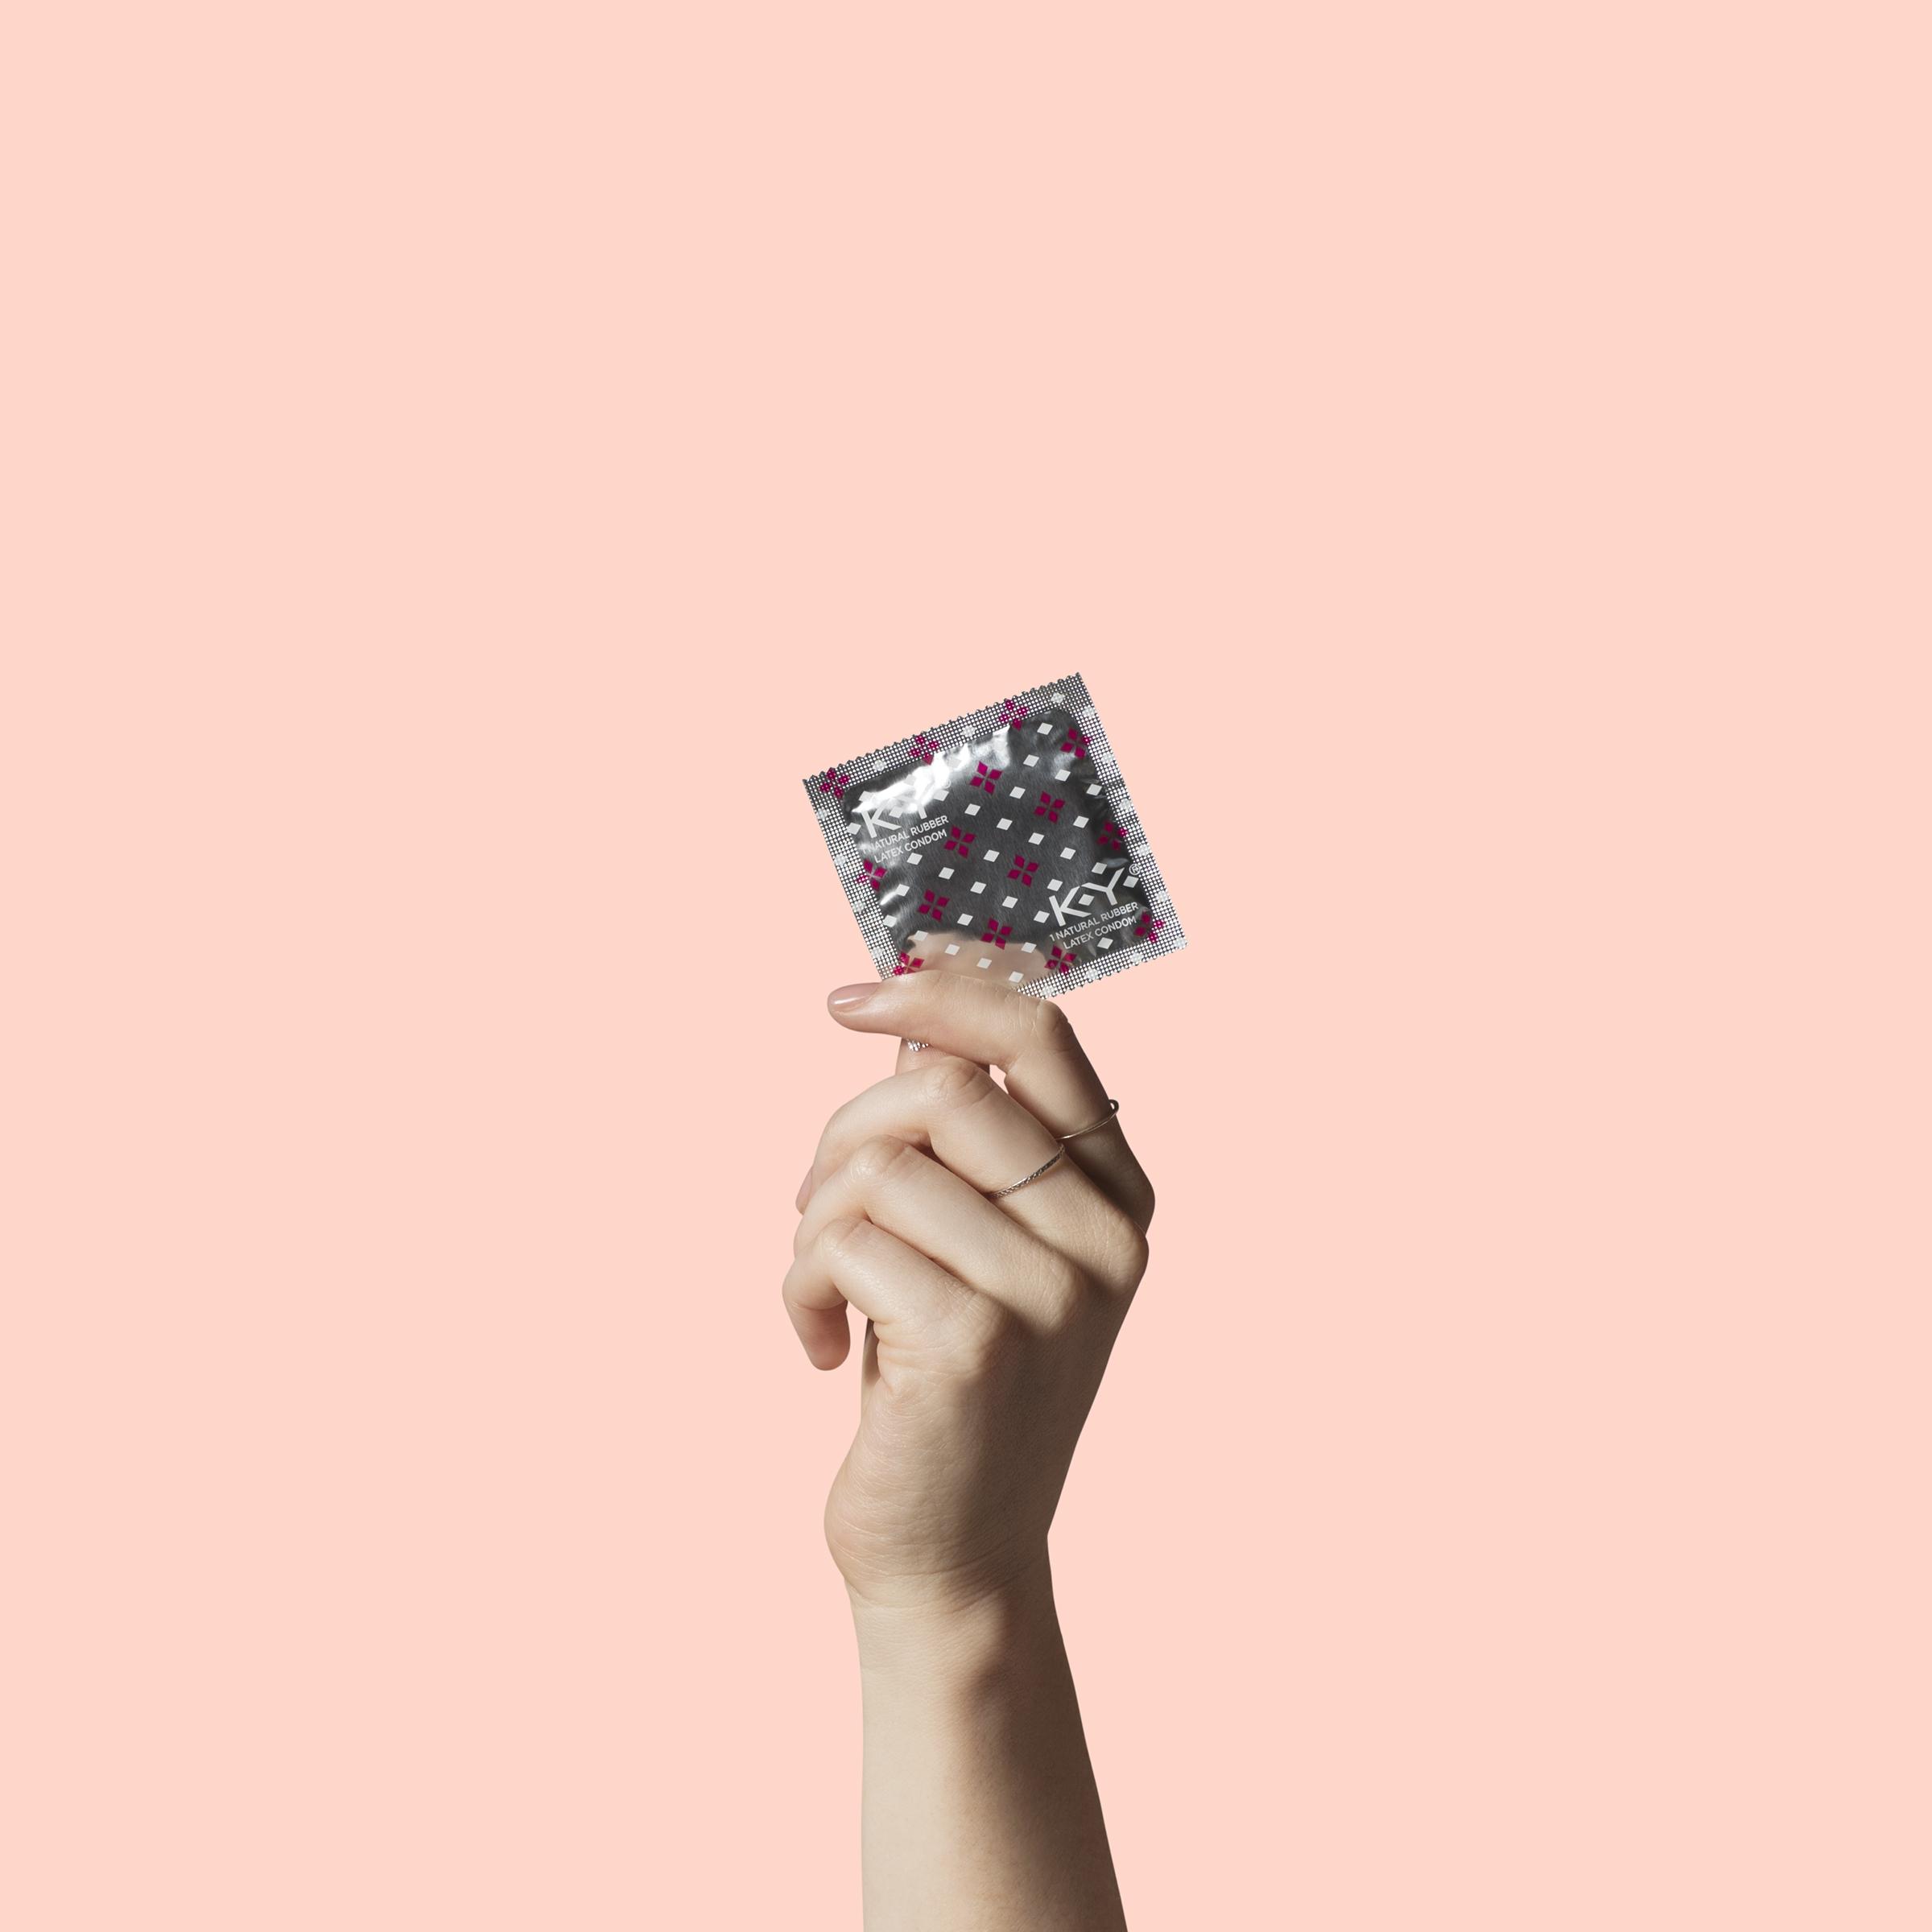 KY_Condom_Hand1